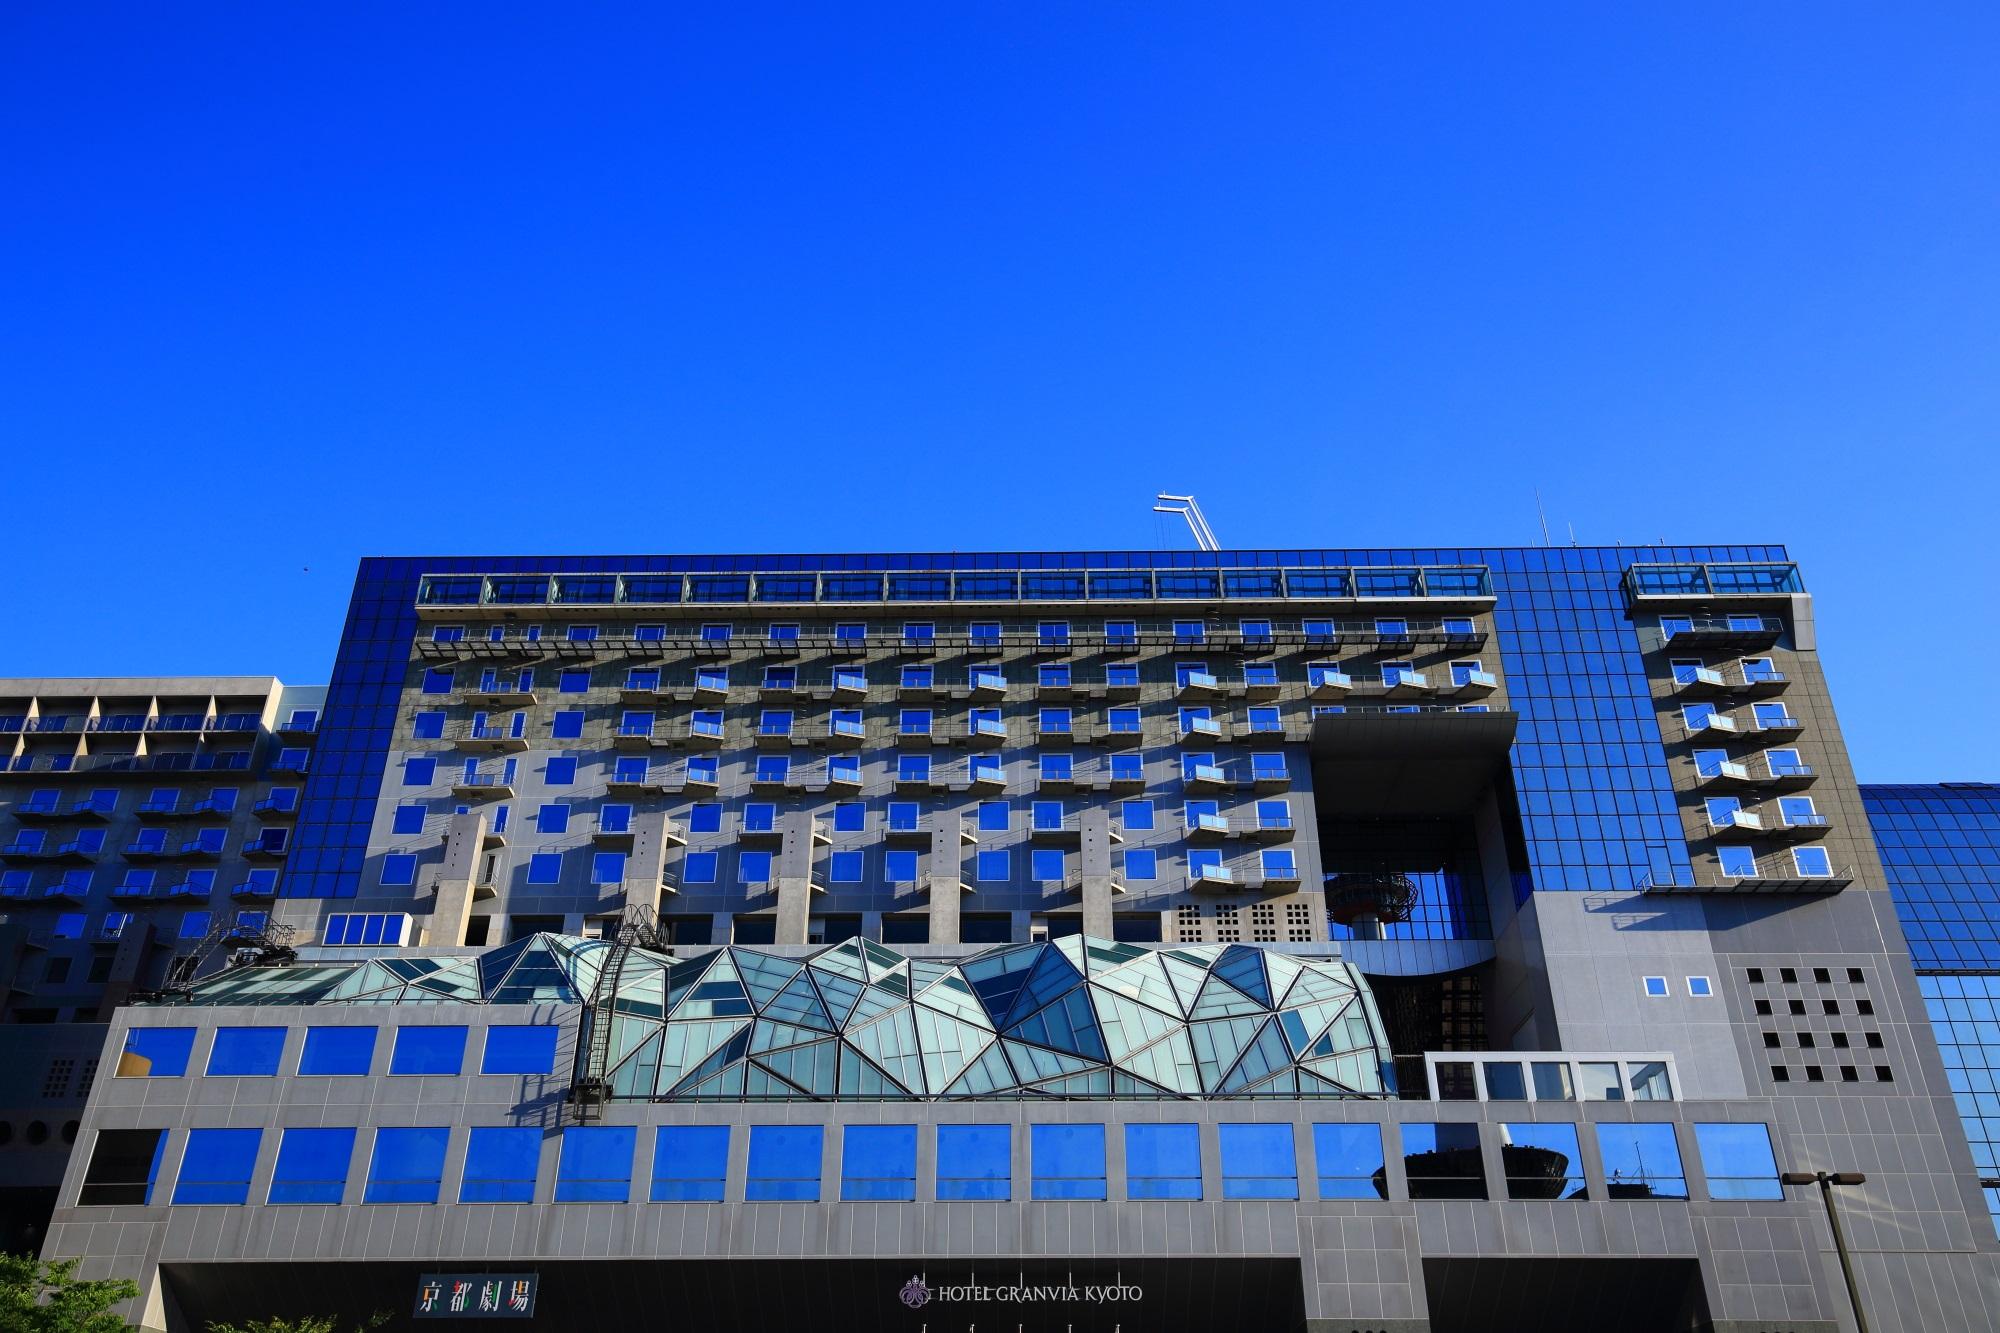 ホテルグランヴィア京都 青空 美しい ガラス